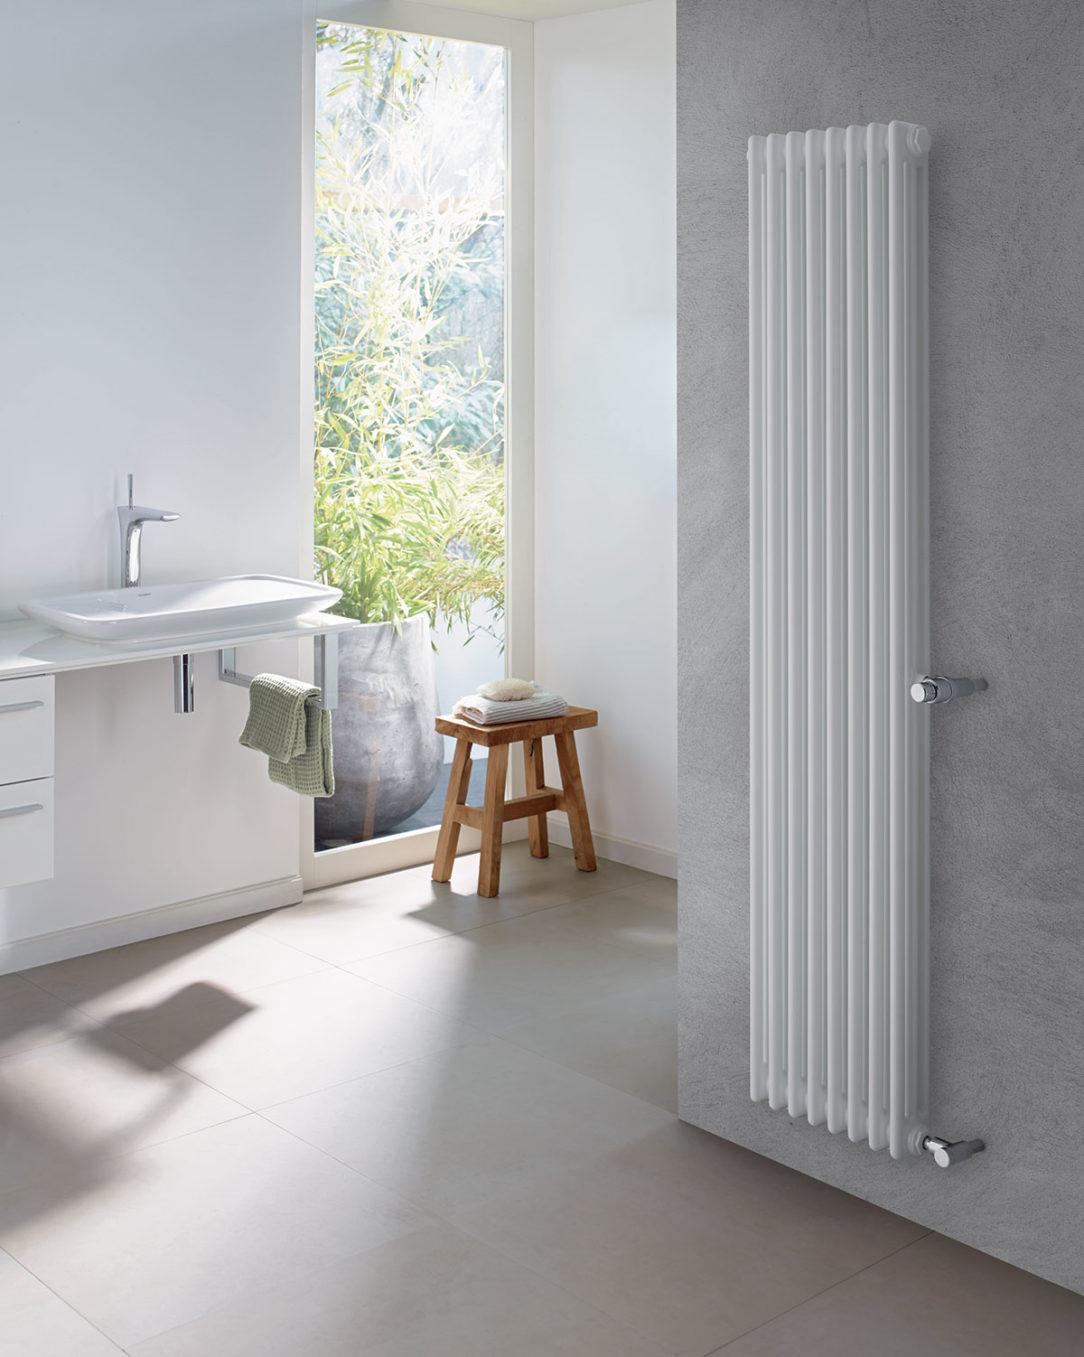 Flexibilná inštalácia vďaka dostupnosti modelov Zehnder Charleston Retrofit umožňuje náhradu starých radiátorov bez nutnosti úprav existujúceho pripájacieho potrubia.